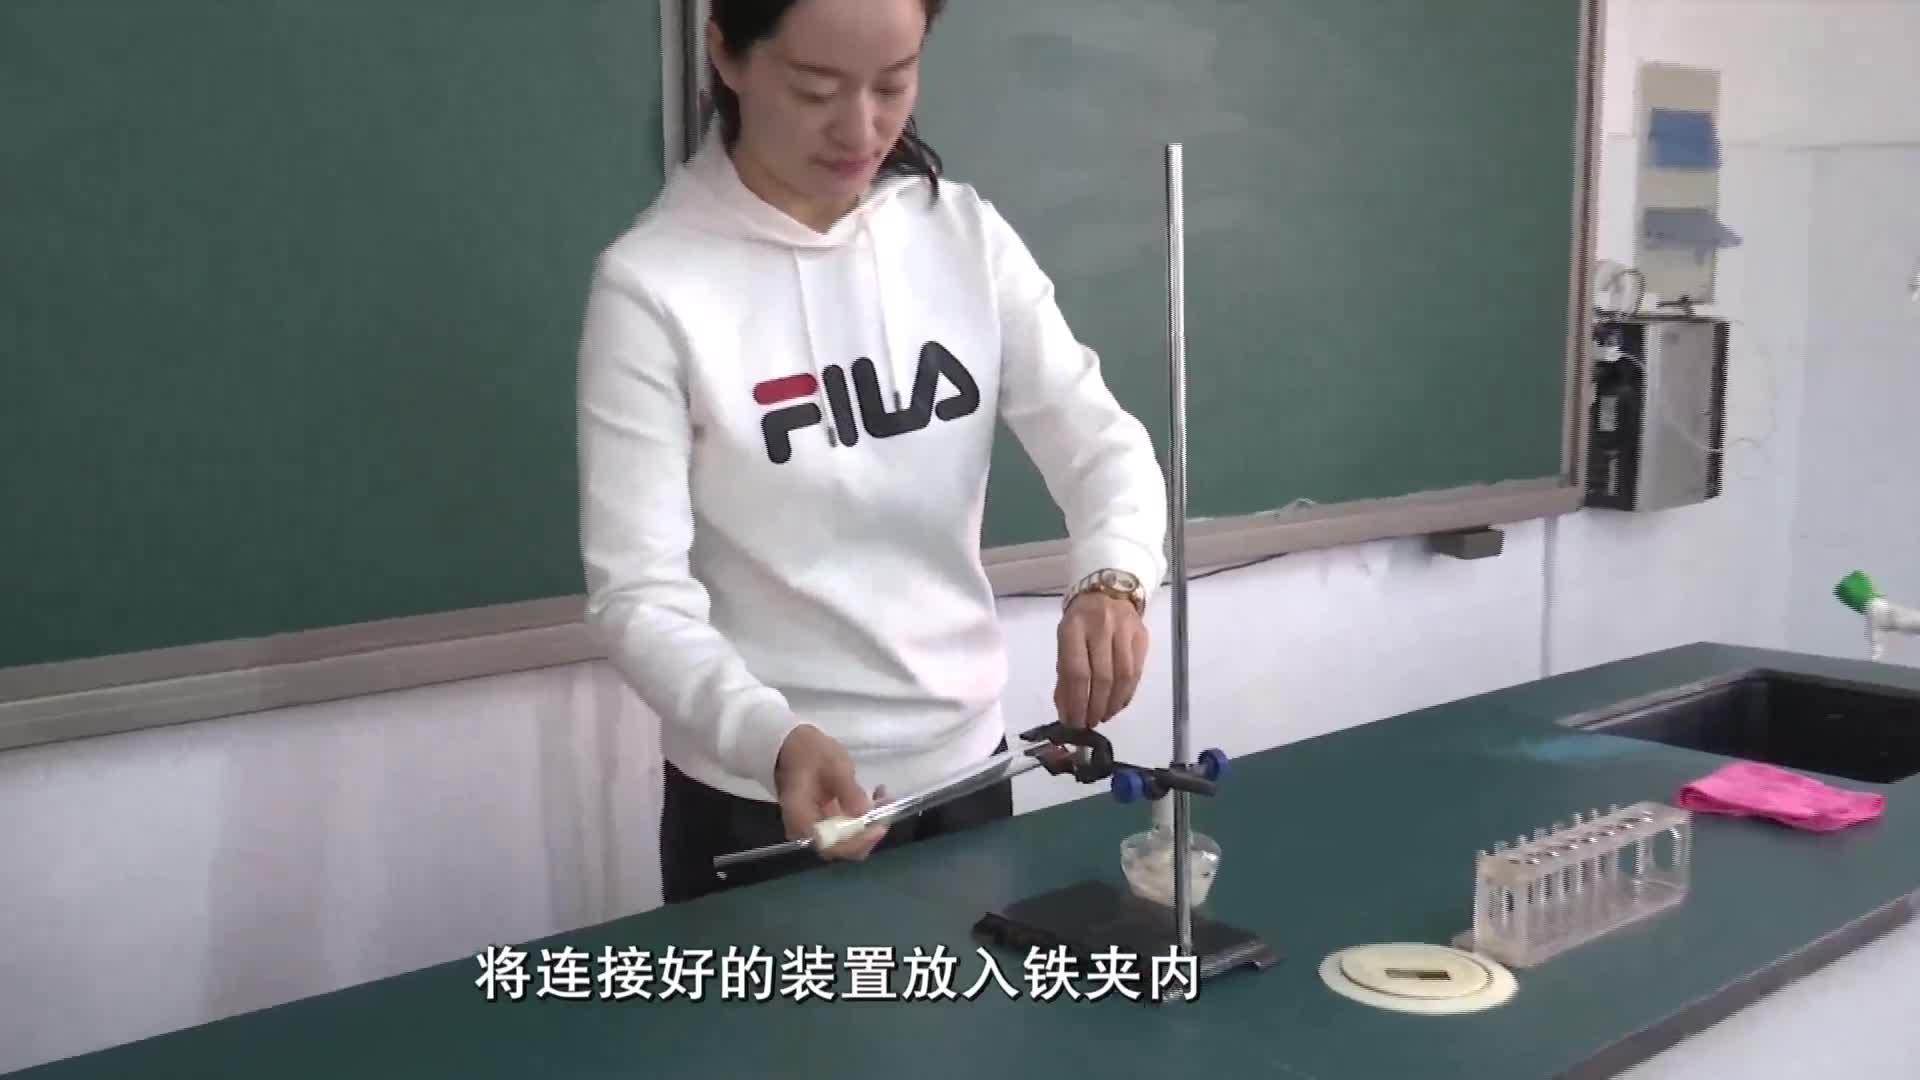 2019河南省郑州市中招理化生实验操作考试(化学)-组装加热固体的实验装置-实验演示